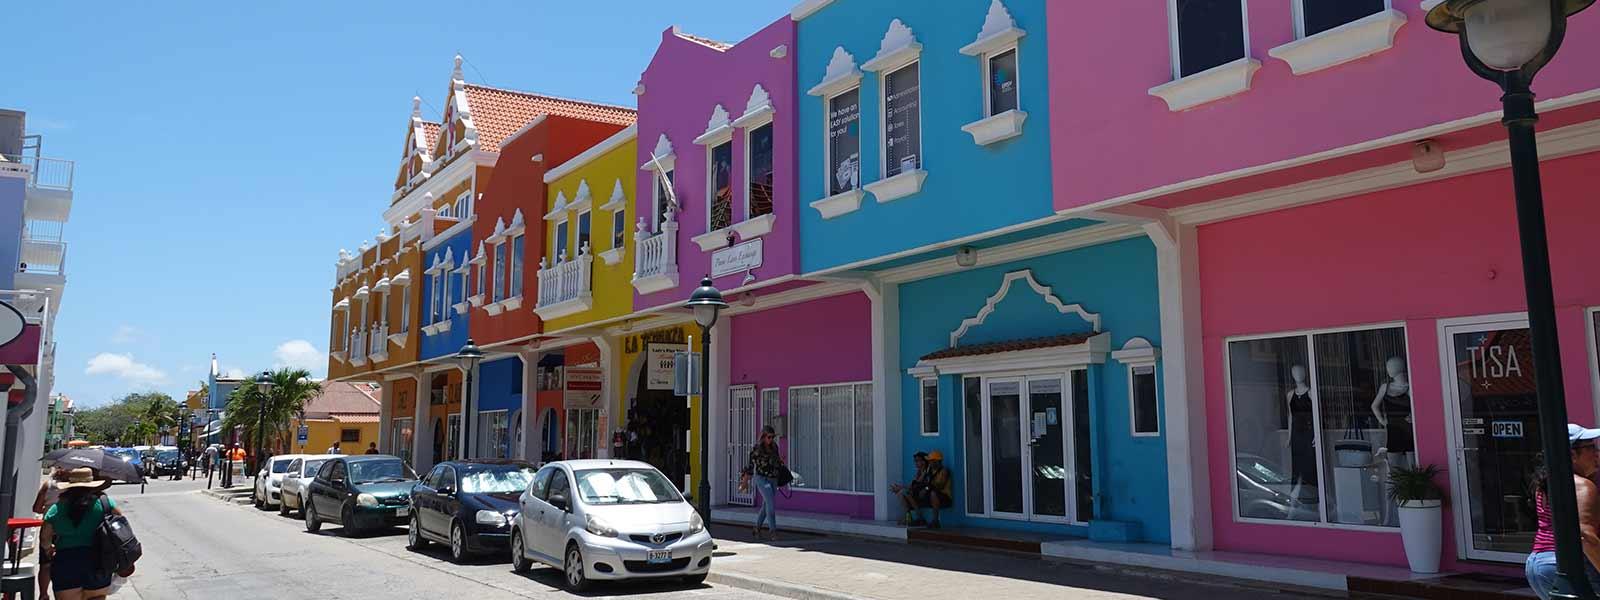 Straat met kleurrijke huizen op Bonaire